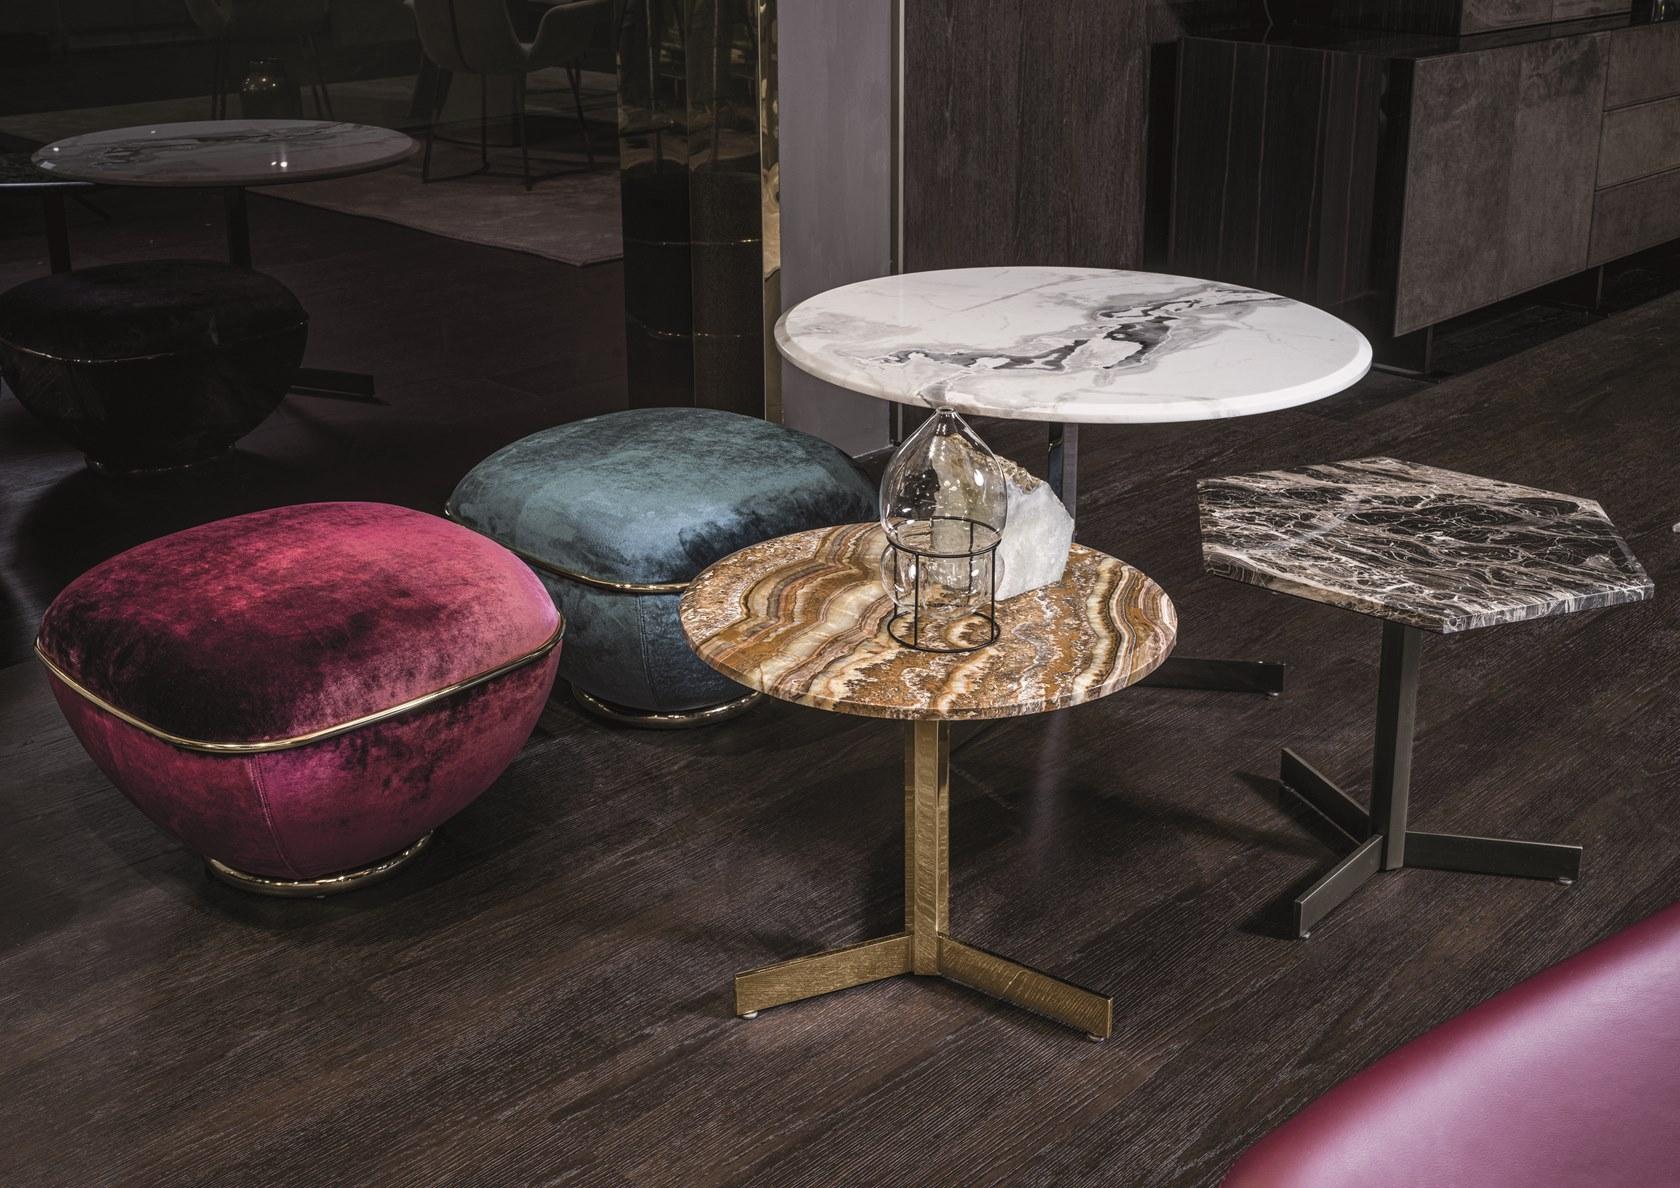 2019年新款上市 意大利Longhi  MATH tea table  Elle Studio 不锈钢六角脚电镀烤漆大理石桌面轻奢茶几边几角几